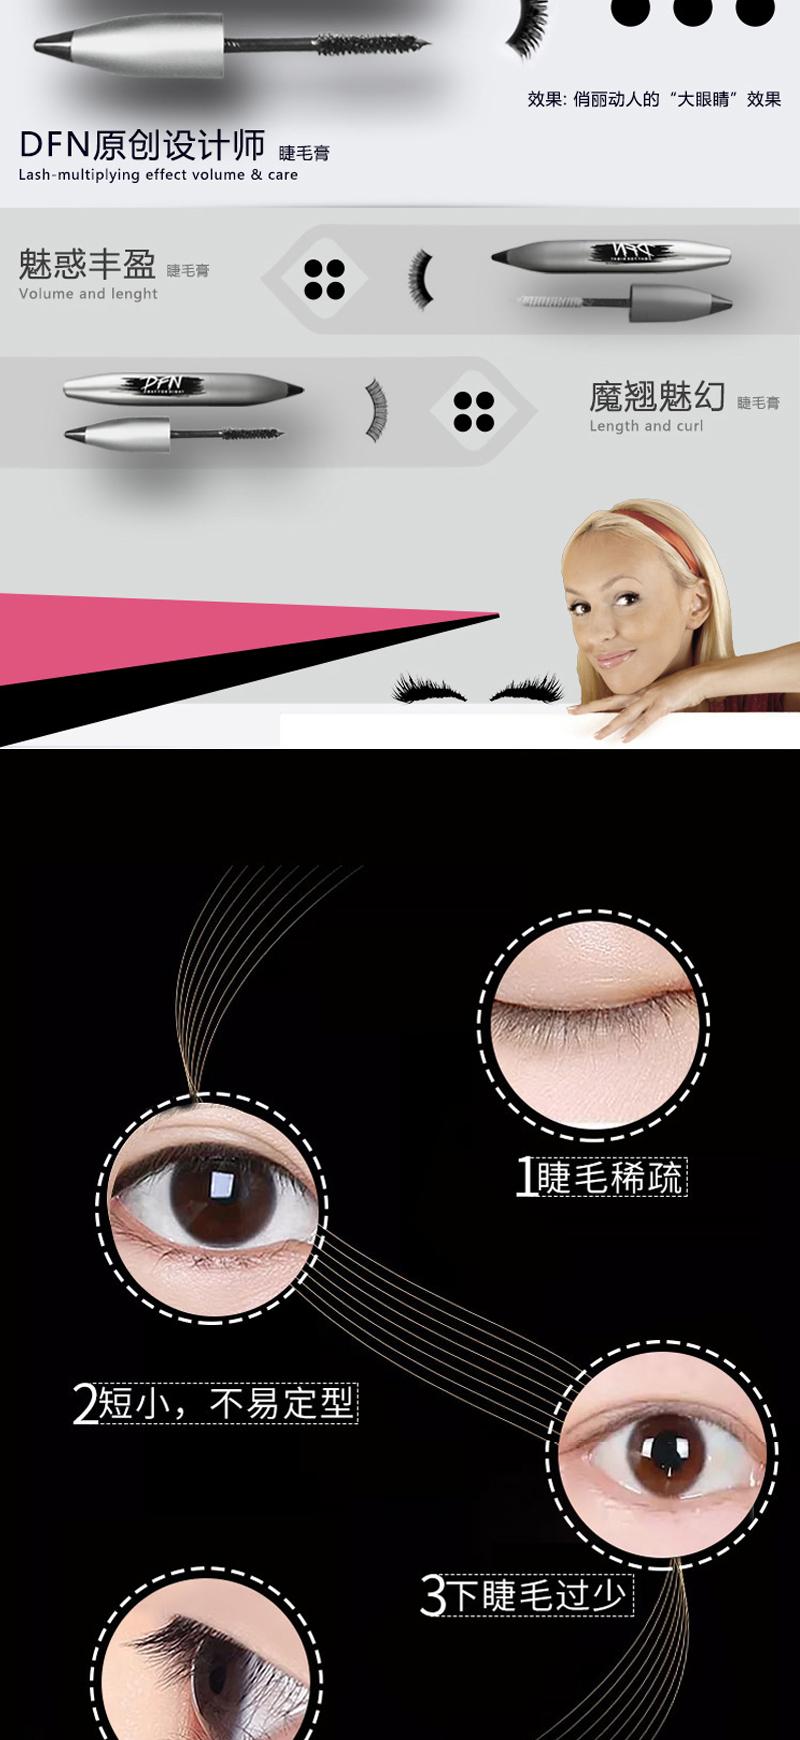 李佳琪推荐泰国 DFN千机变睫毛膏防水持久纤长卷自然翘加长浓密防晕染两支装